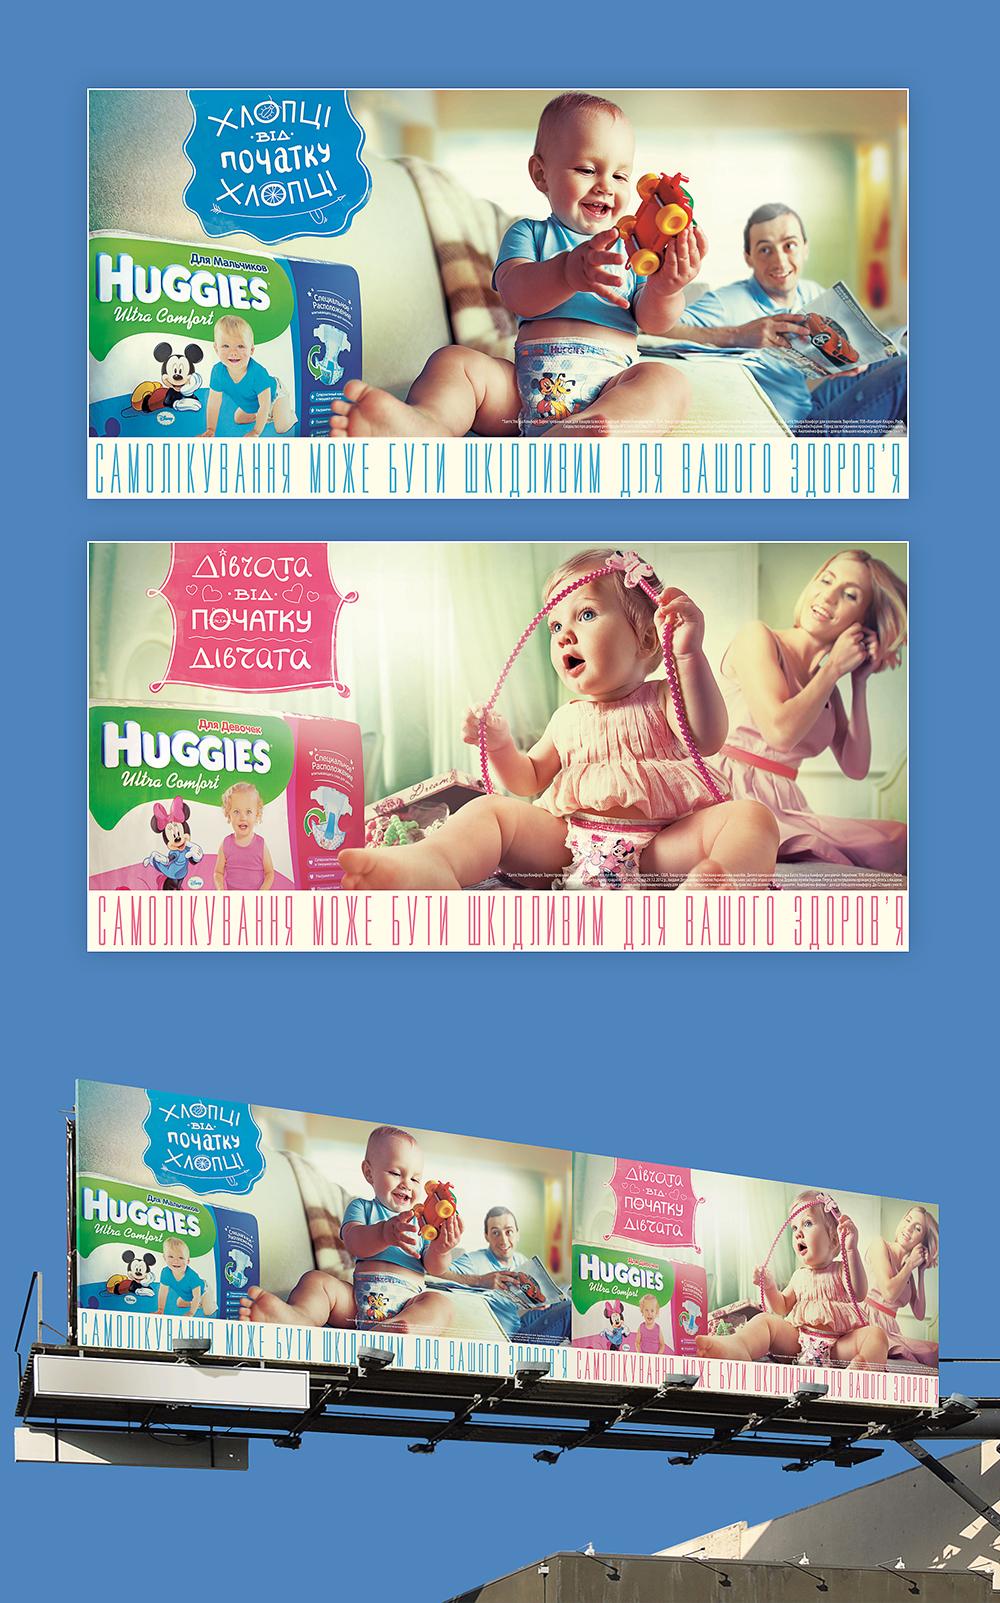 В 2013 году в 11 странах Восточной Европы стартовала рекламная кампания Huggies, разработанная и реализованная украинским агентством Bart&Fink.